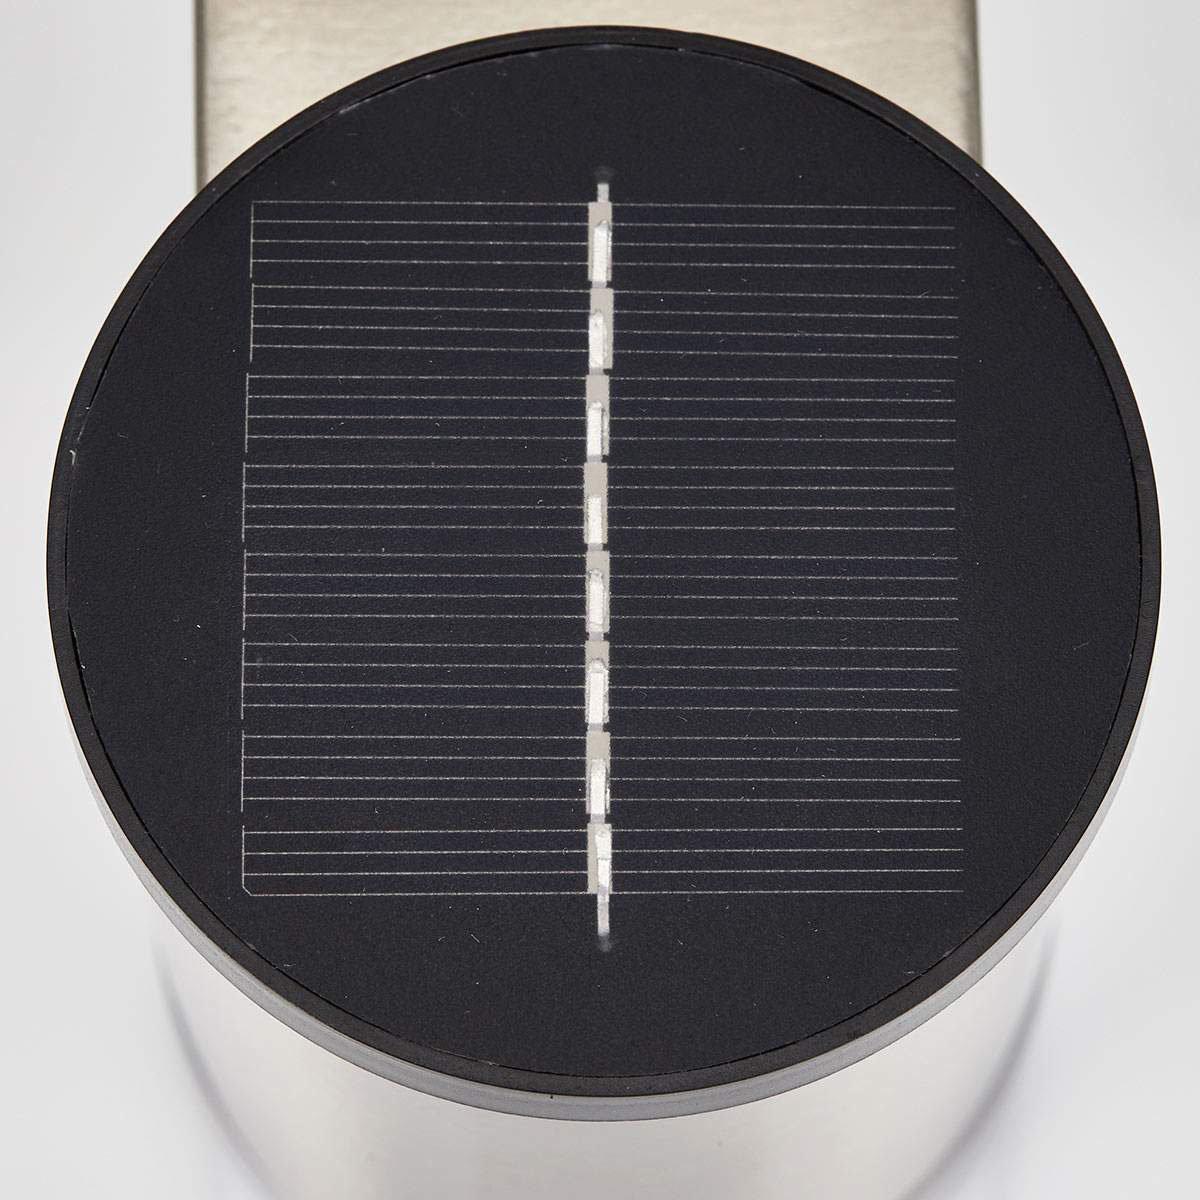 LED-Solar-Außenwandleuchte Tyson, 11,5x8x11,5 cm, Edelstahl, silber | #7